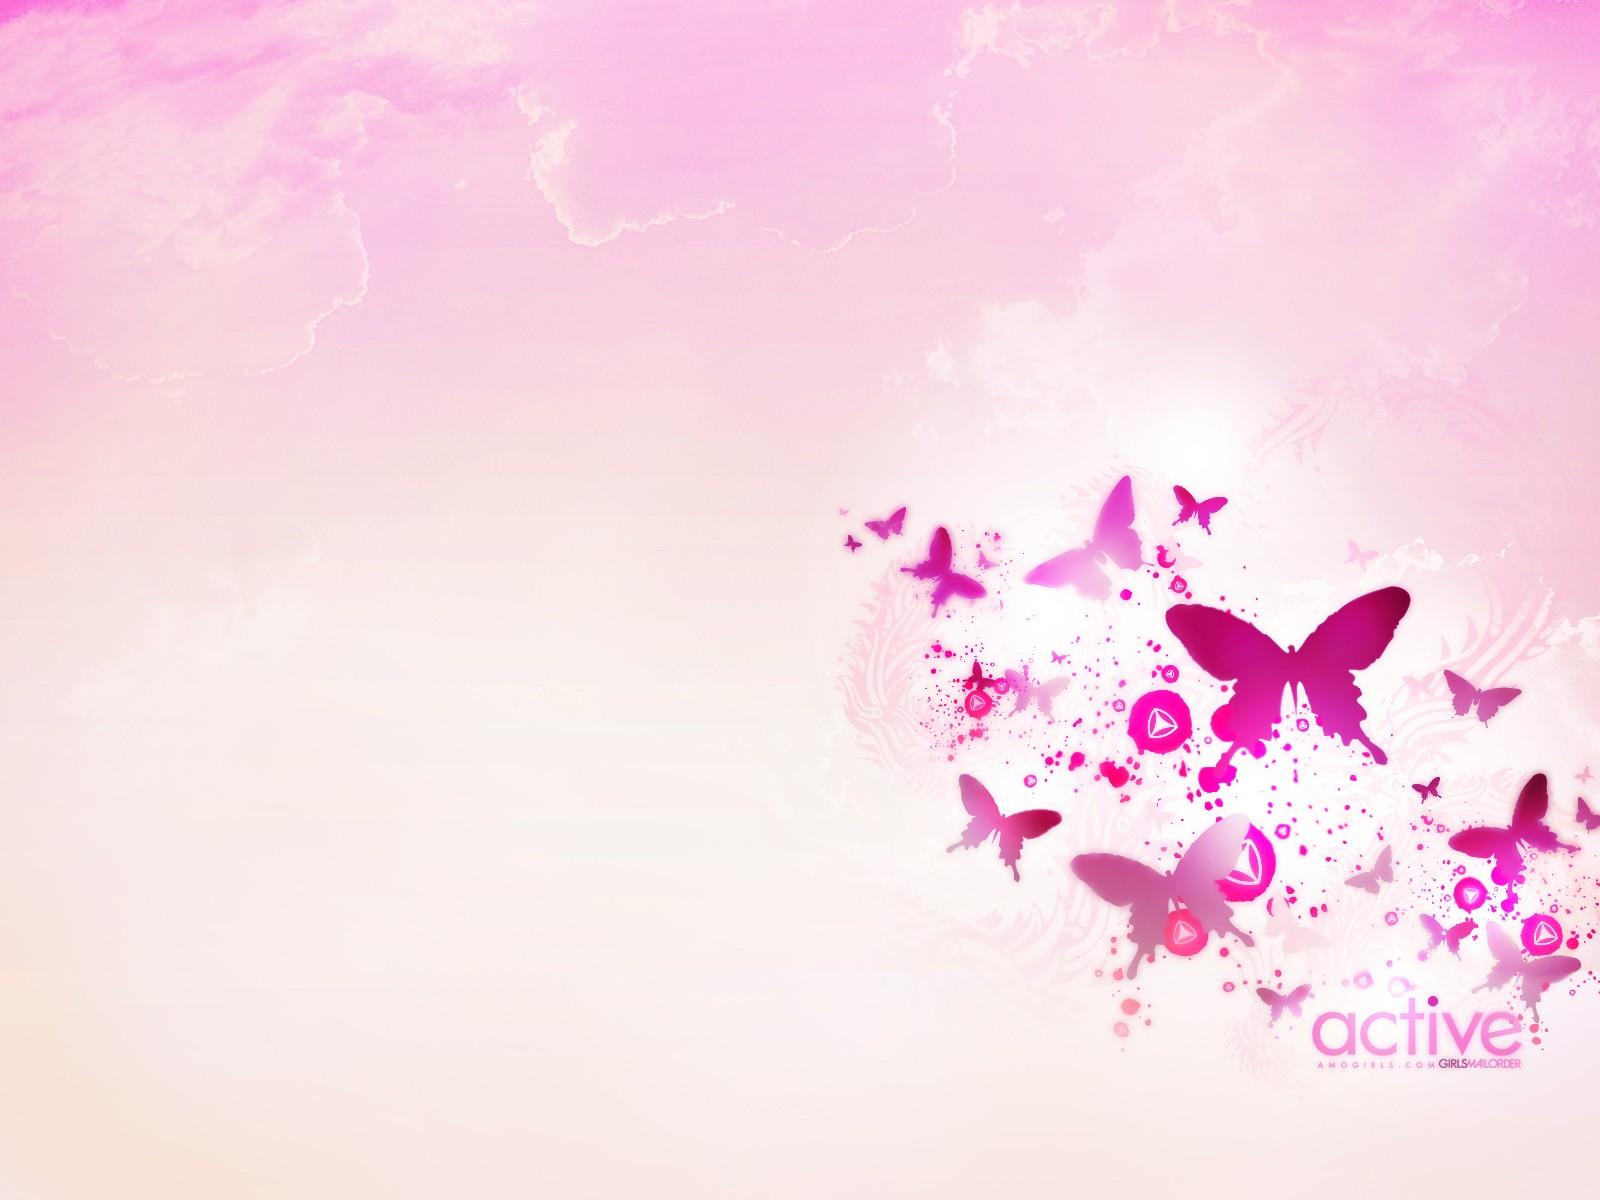 первые бабочки - обои, фото, картинки розовые, цветные на рабочий стол.